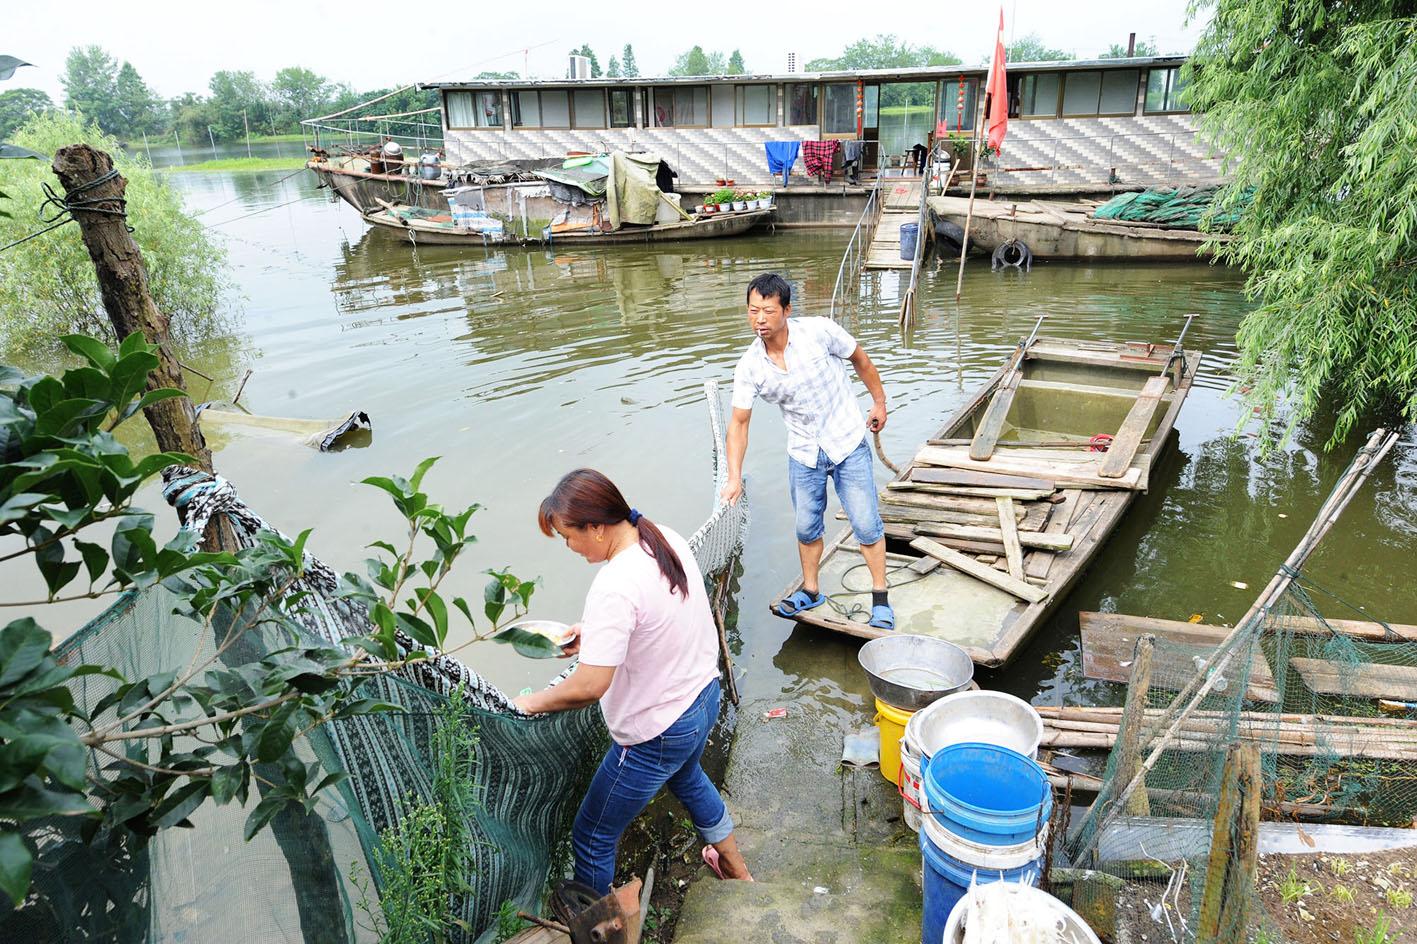 """扬州出台救助方案为退捕渔民基本生活""""兜底"""""""